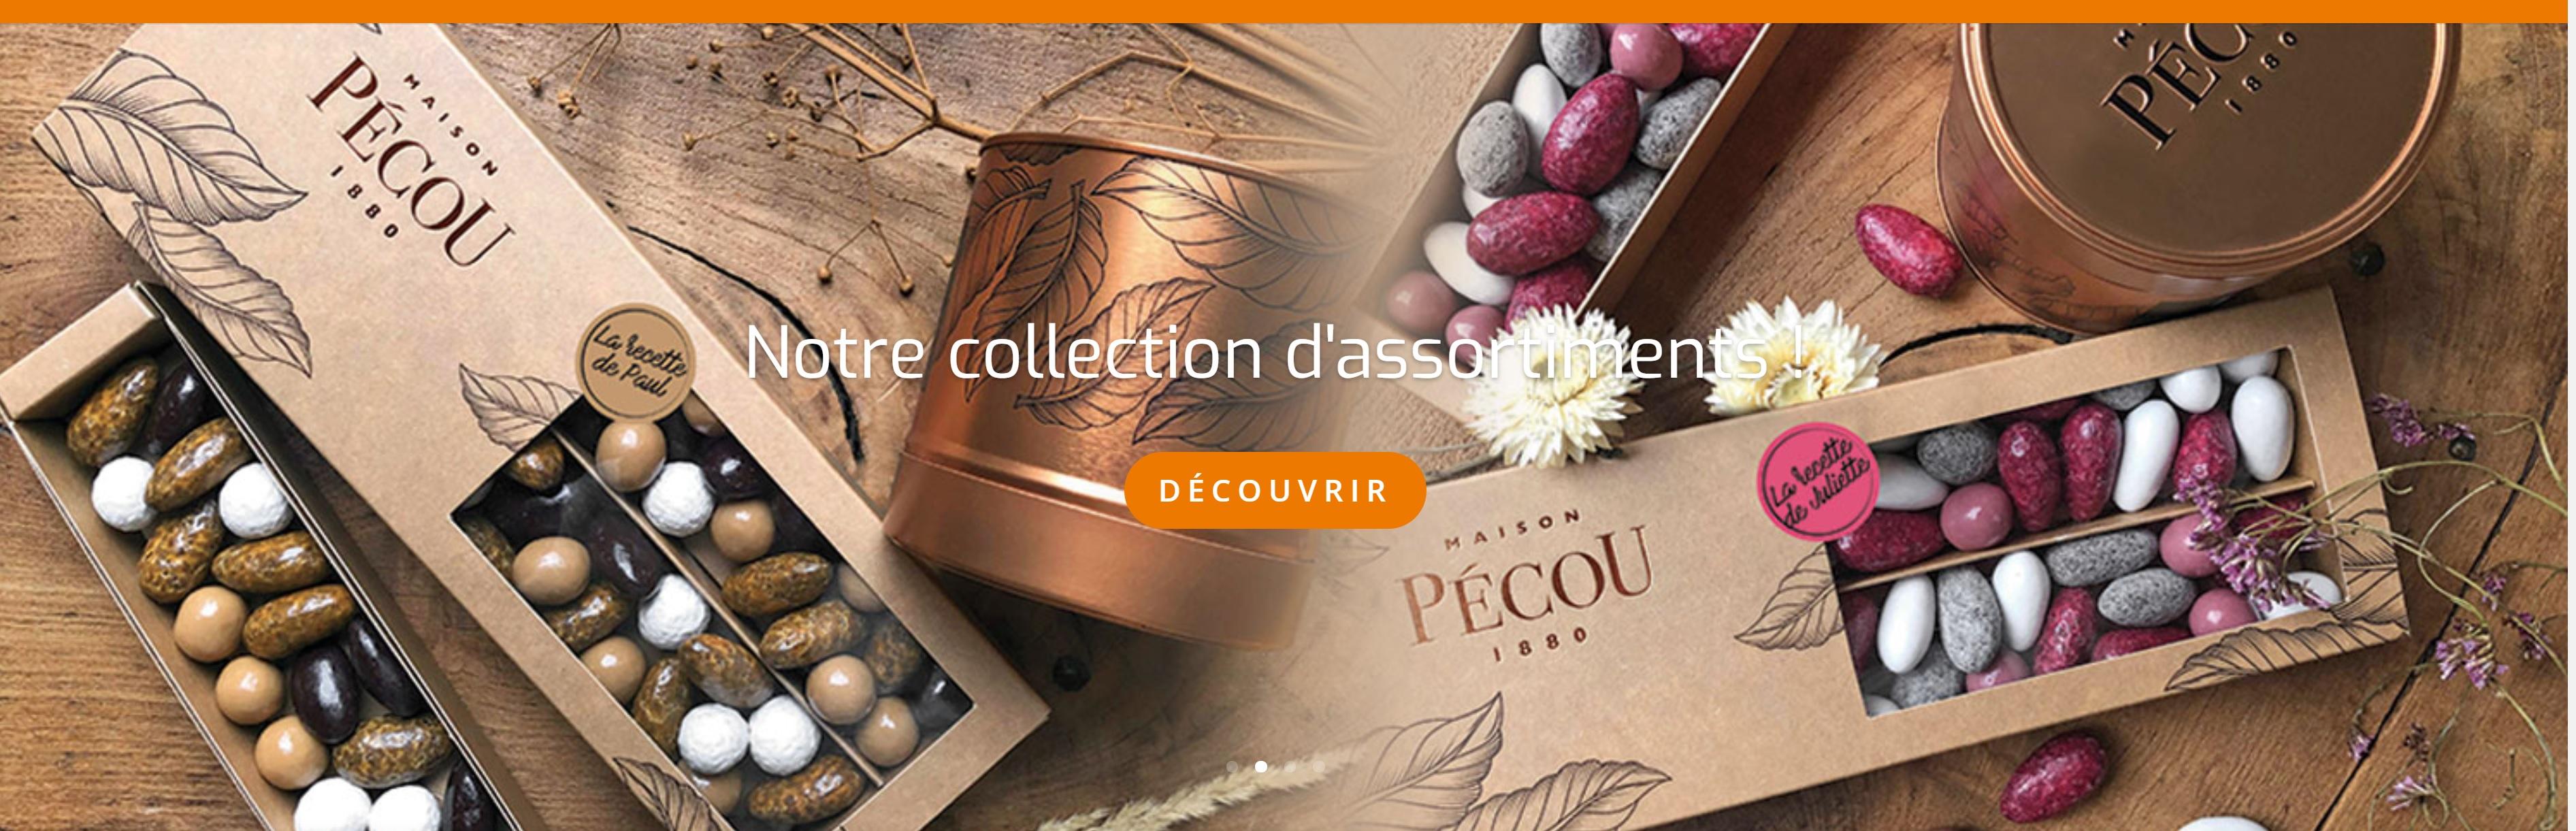 Dragées - Maison Pécou - Liquicroc